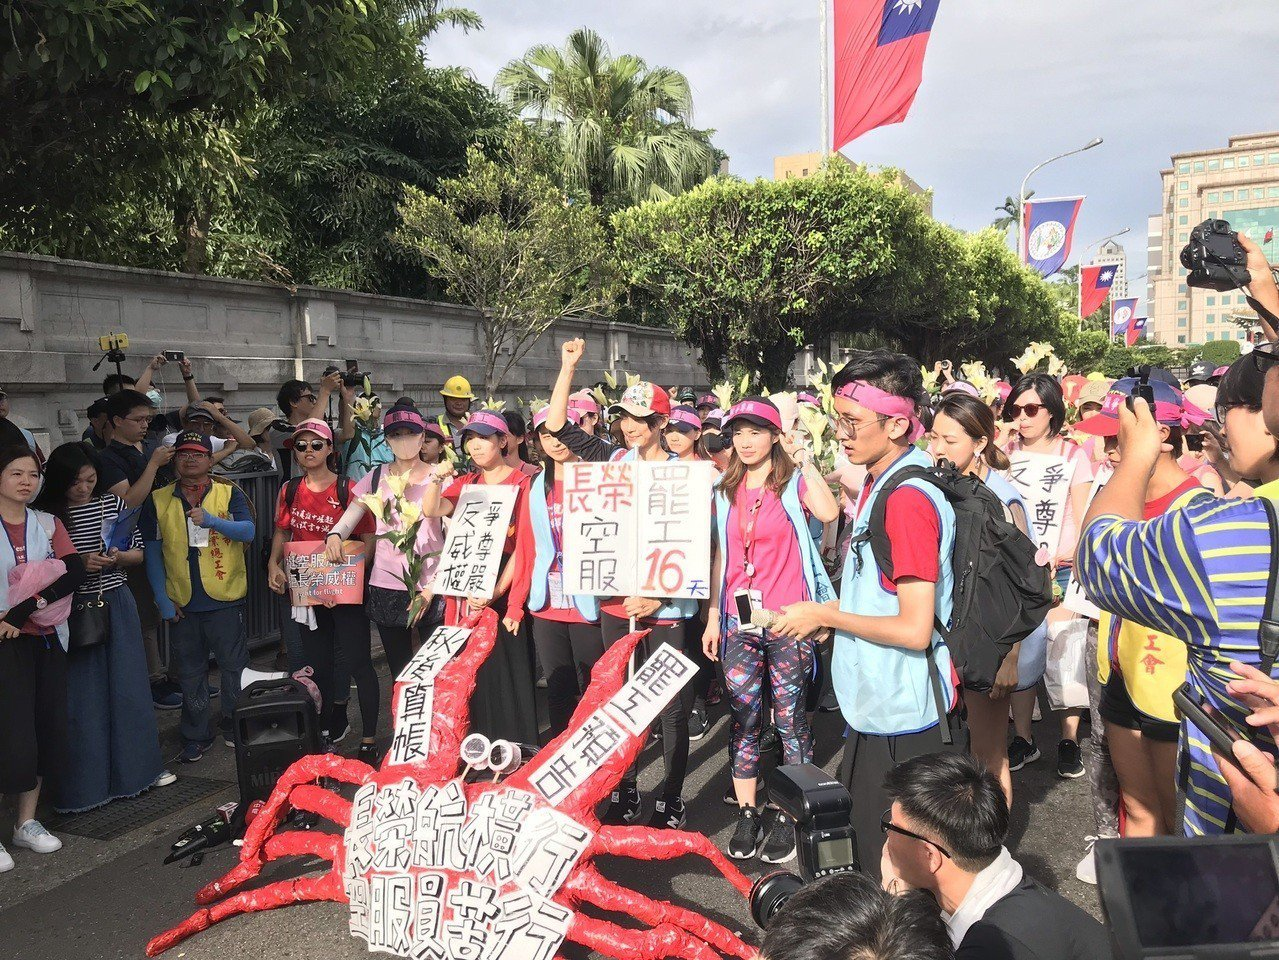 罷工的長榮空服員昨苦行近30公里,從桃園走到總統府陳情。本報資料照片